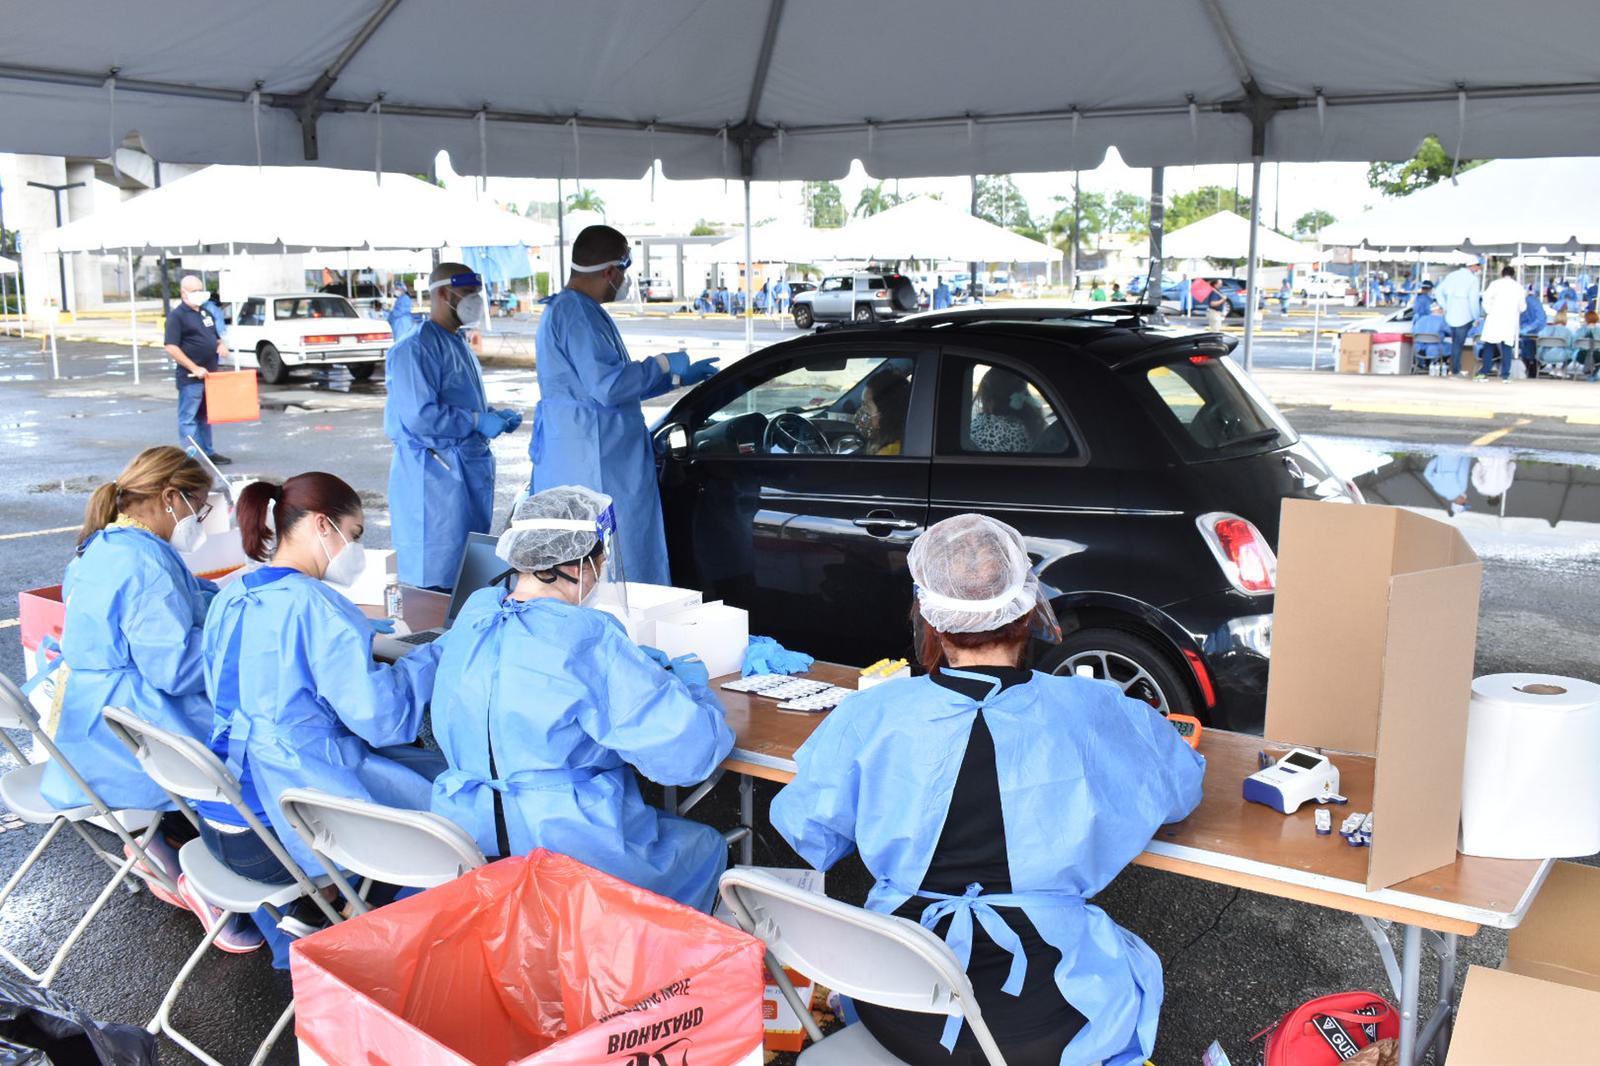 El Municipio de Bayamón junto a el Departamento de Salud realizaron pruebas masivas de COVID-19 tipo servicarro gratis.